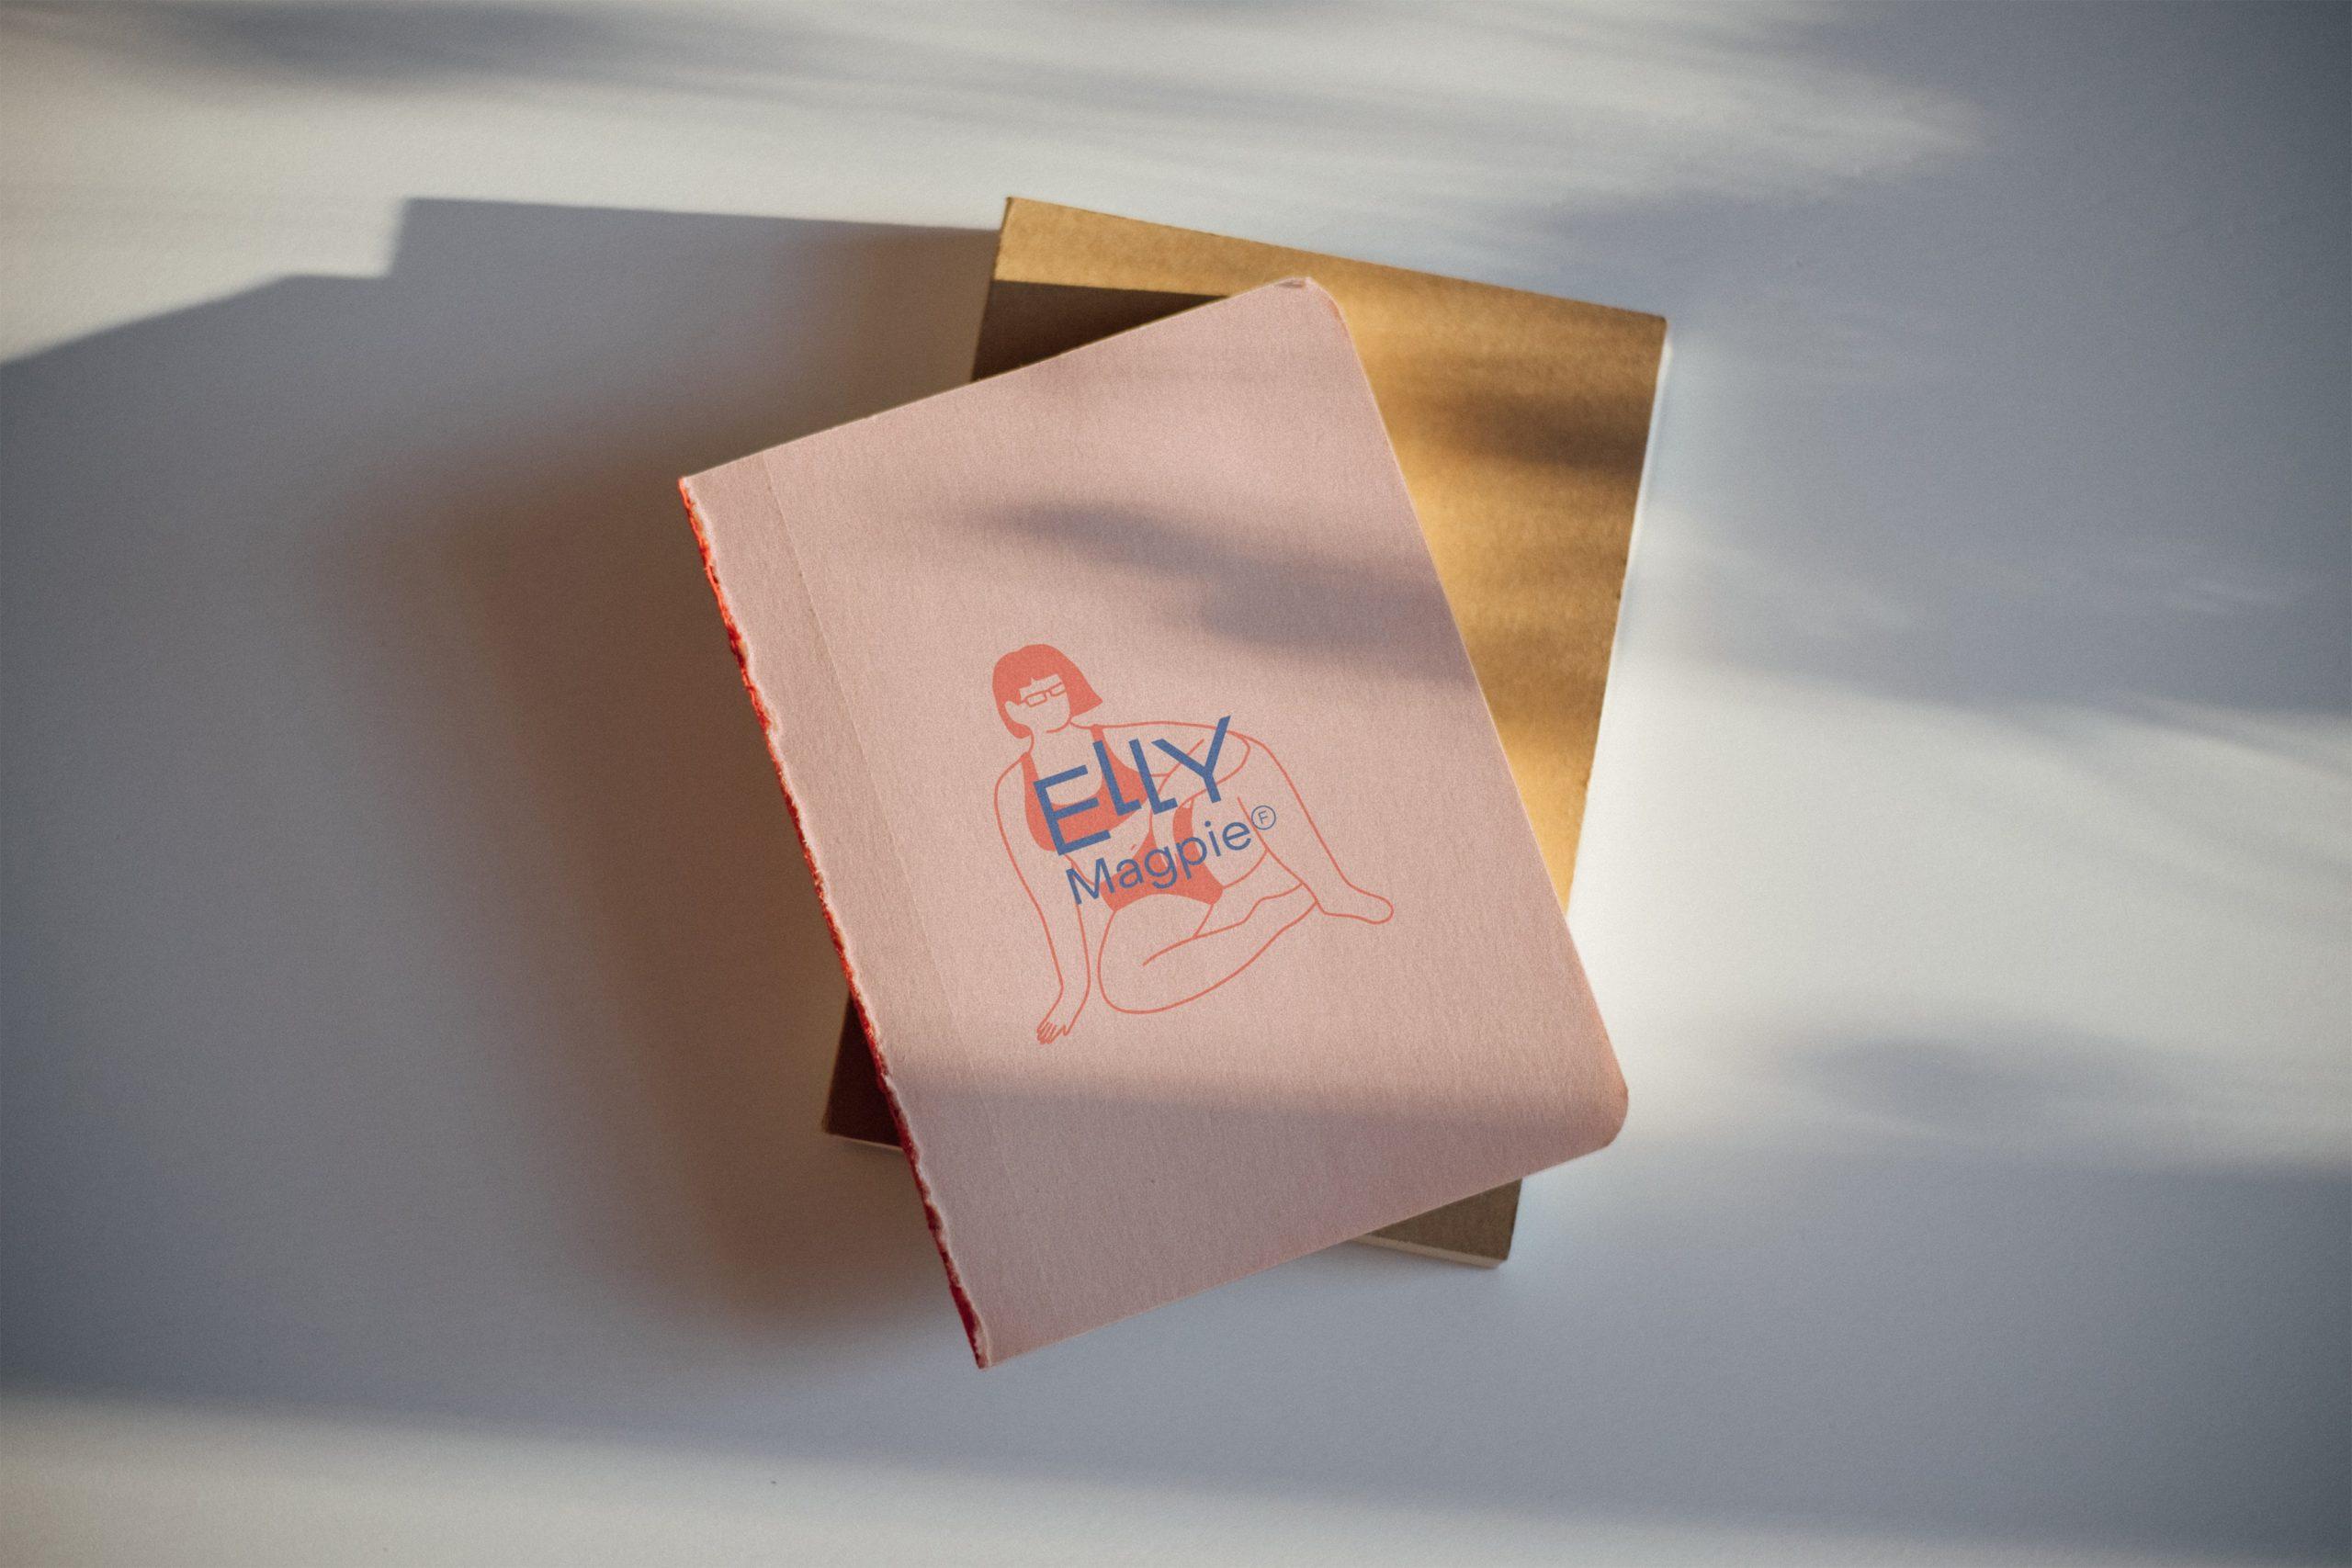 EM_notebook01_Glaze-Paper-Mockups-05-min